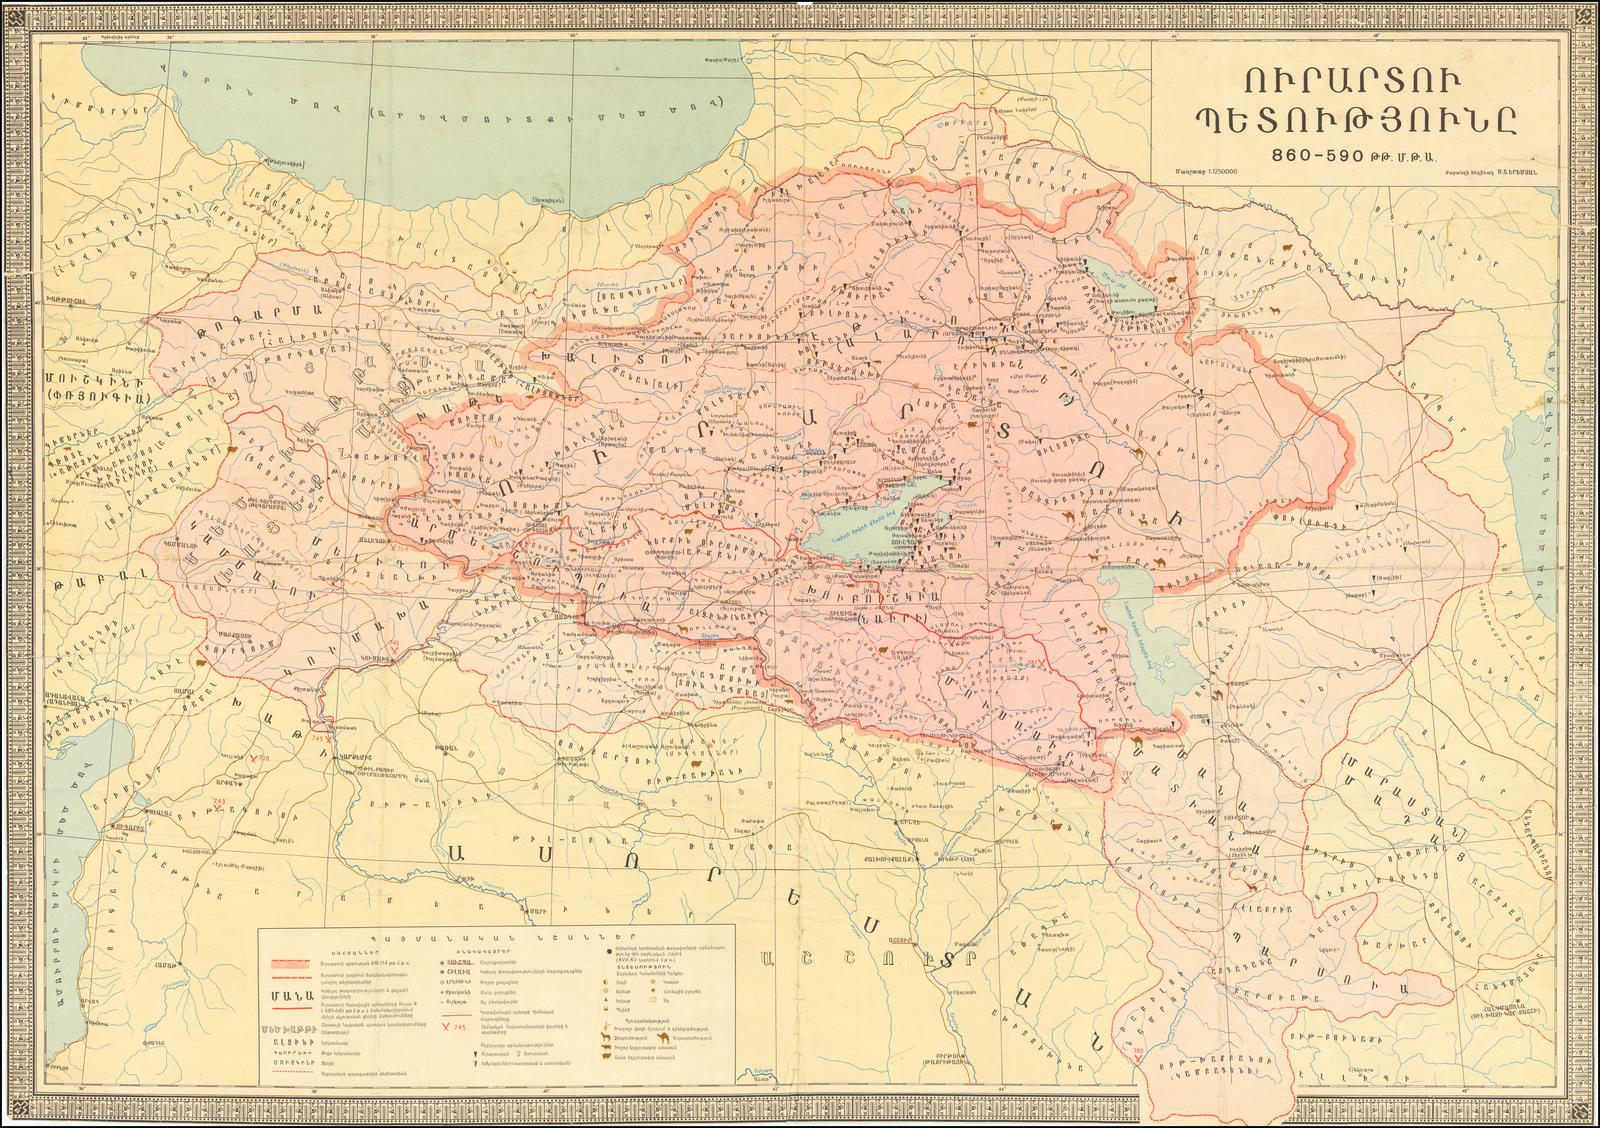 Armenia - Historical Geography] ՈՒՐԱՐՏՈՒ ... on map of ancient greece, map of ancient babylonian, map of ancient india, map of ancient kingdom of judah, map of ancient elam, map of ancient galatia, map of ancient babylon, map of ancient eridu, map of ancient cyprus, map of ancient borsippa, map of ancient ecbatana, map of ancient colchis, map of ancient axum, map of ancient parthia, map of ancient susa, map of ancient cumae, map of ancient etruscan civilization, map of ancient uruk, map of ancient han dynasty, map of ancient pontus,